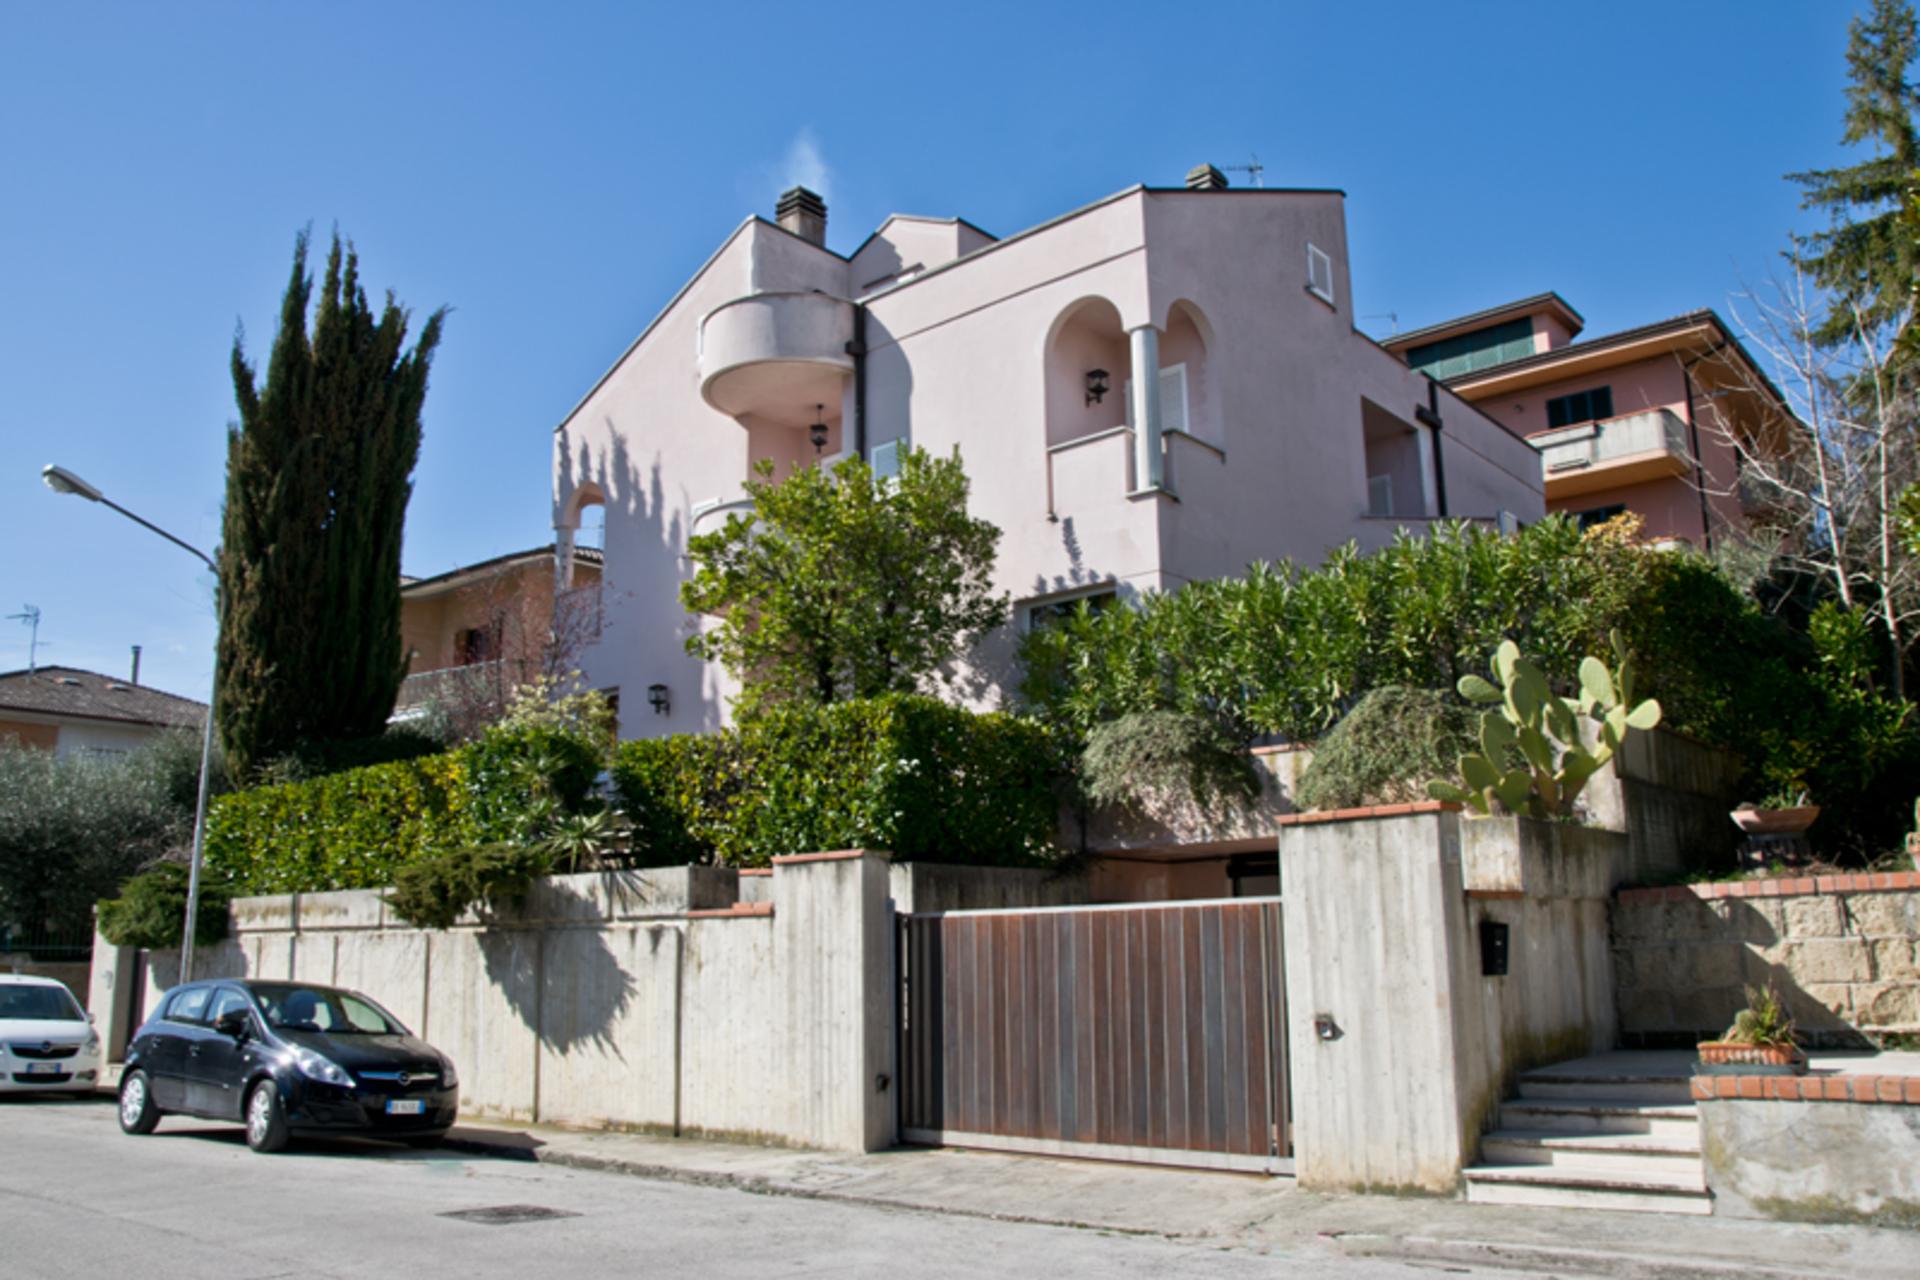 Prestigiosa villa in vendita a Fermo in zona esclusiva ...